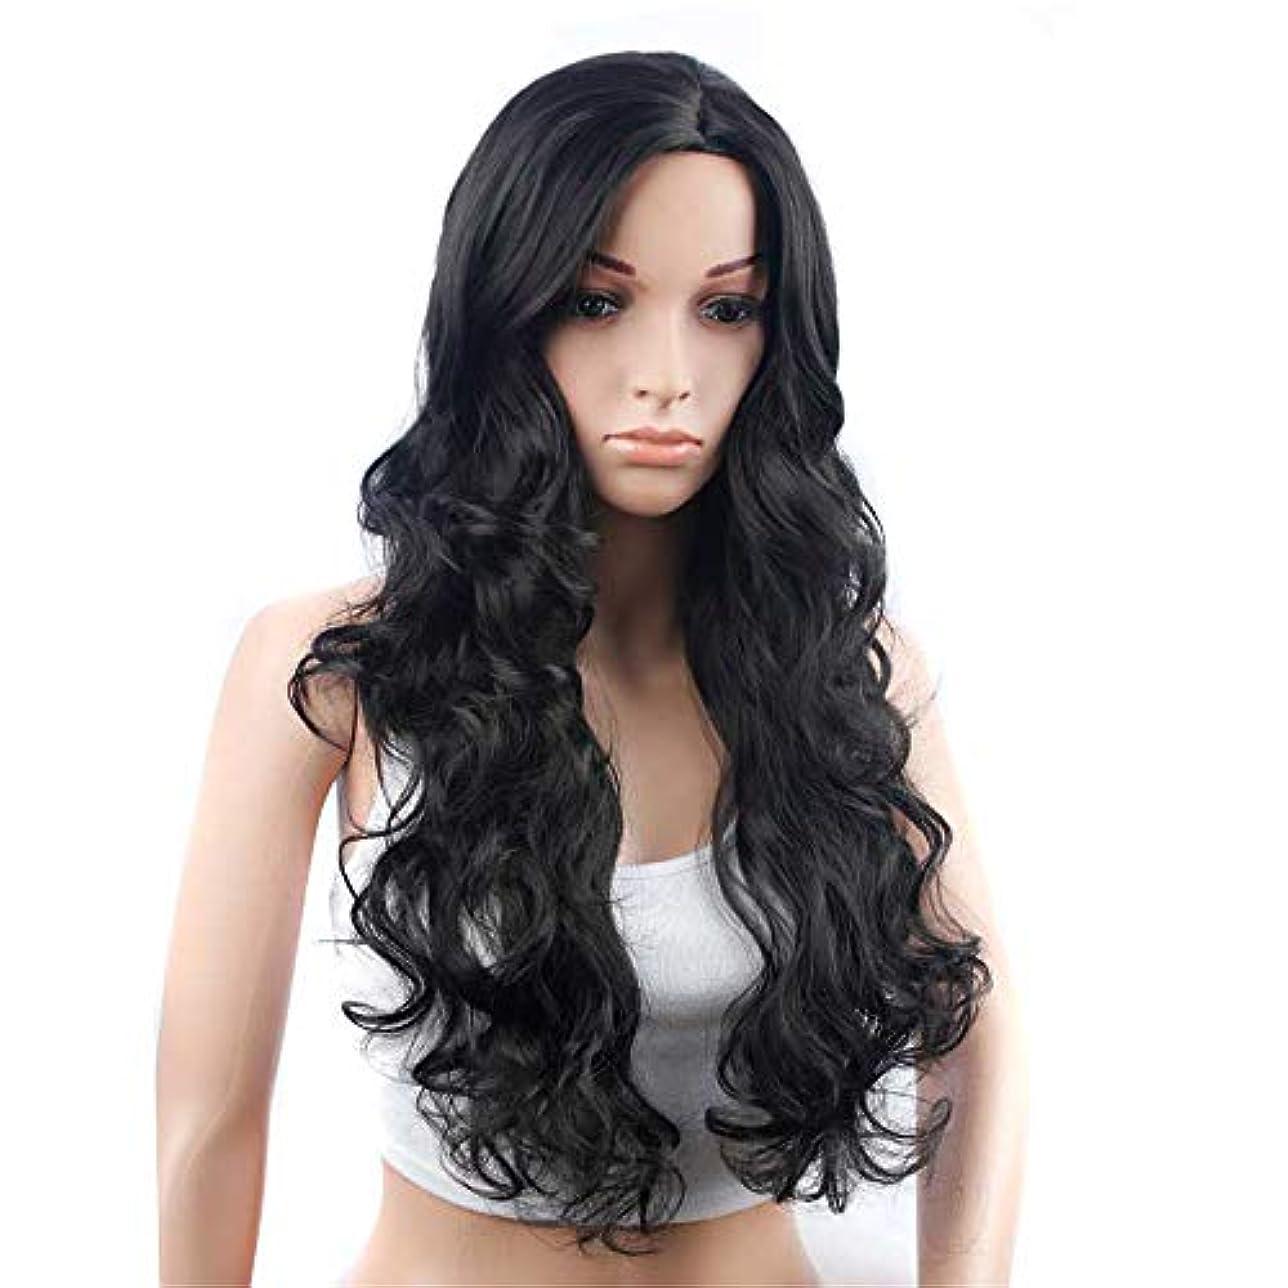 無意味雨ドライブウィッグロングウェーブブラックカラーロングウェーブ人工毛高温繊維ヘアスタイル女性用髪の毛ナチュラルミドルパート耐熱ヘアプレイ、ハロウィン23インチ